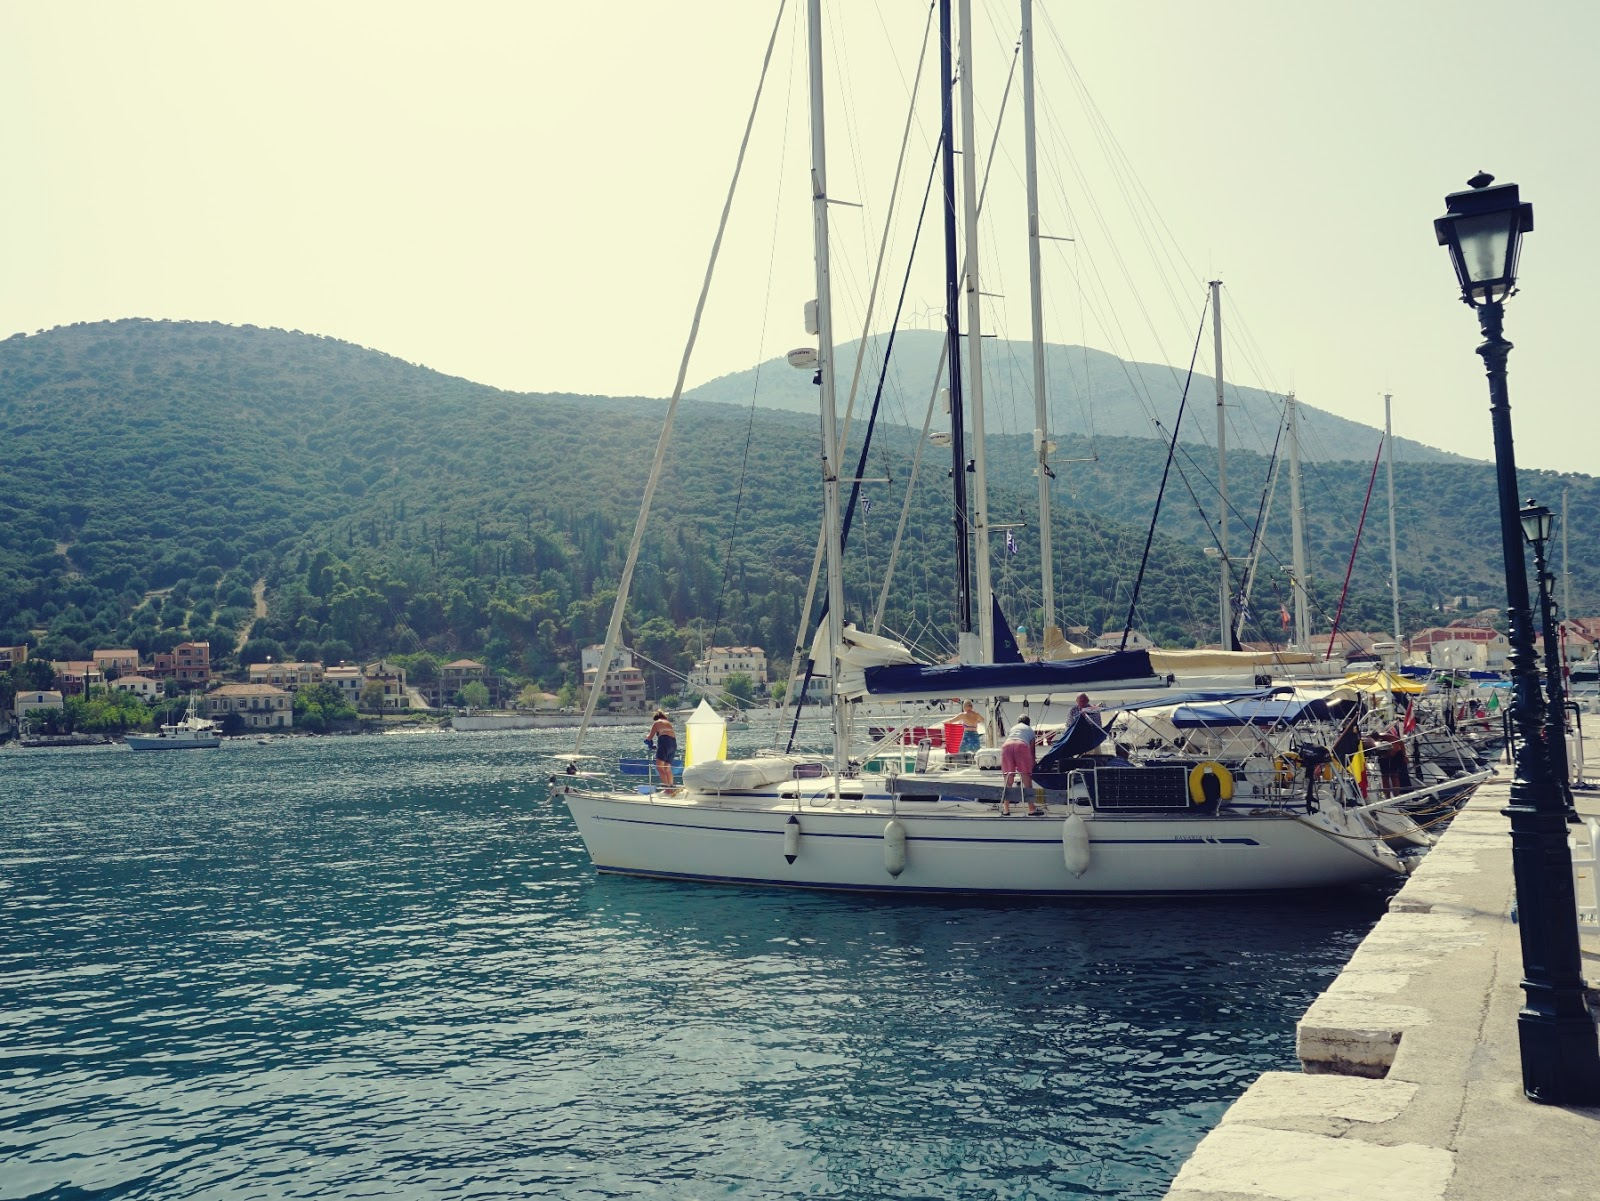 Port, Agia Efimia, wakacje, statki, jachty, woda, morze, lato, Grecja, Kefalonia, wyspy jońskie, podróże